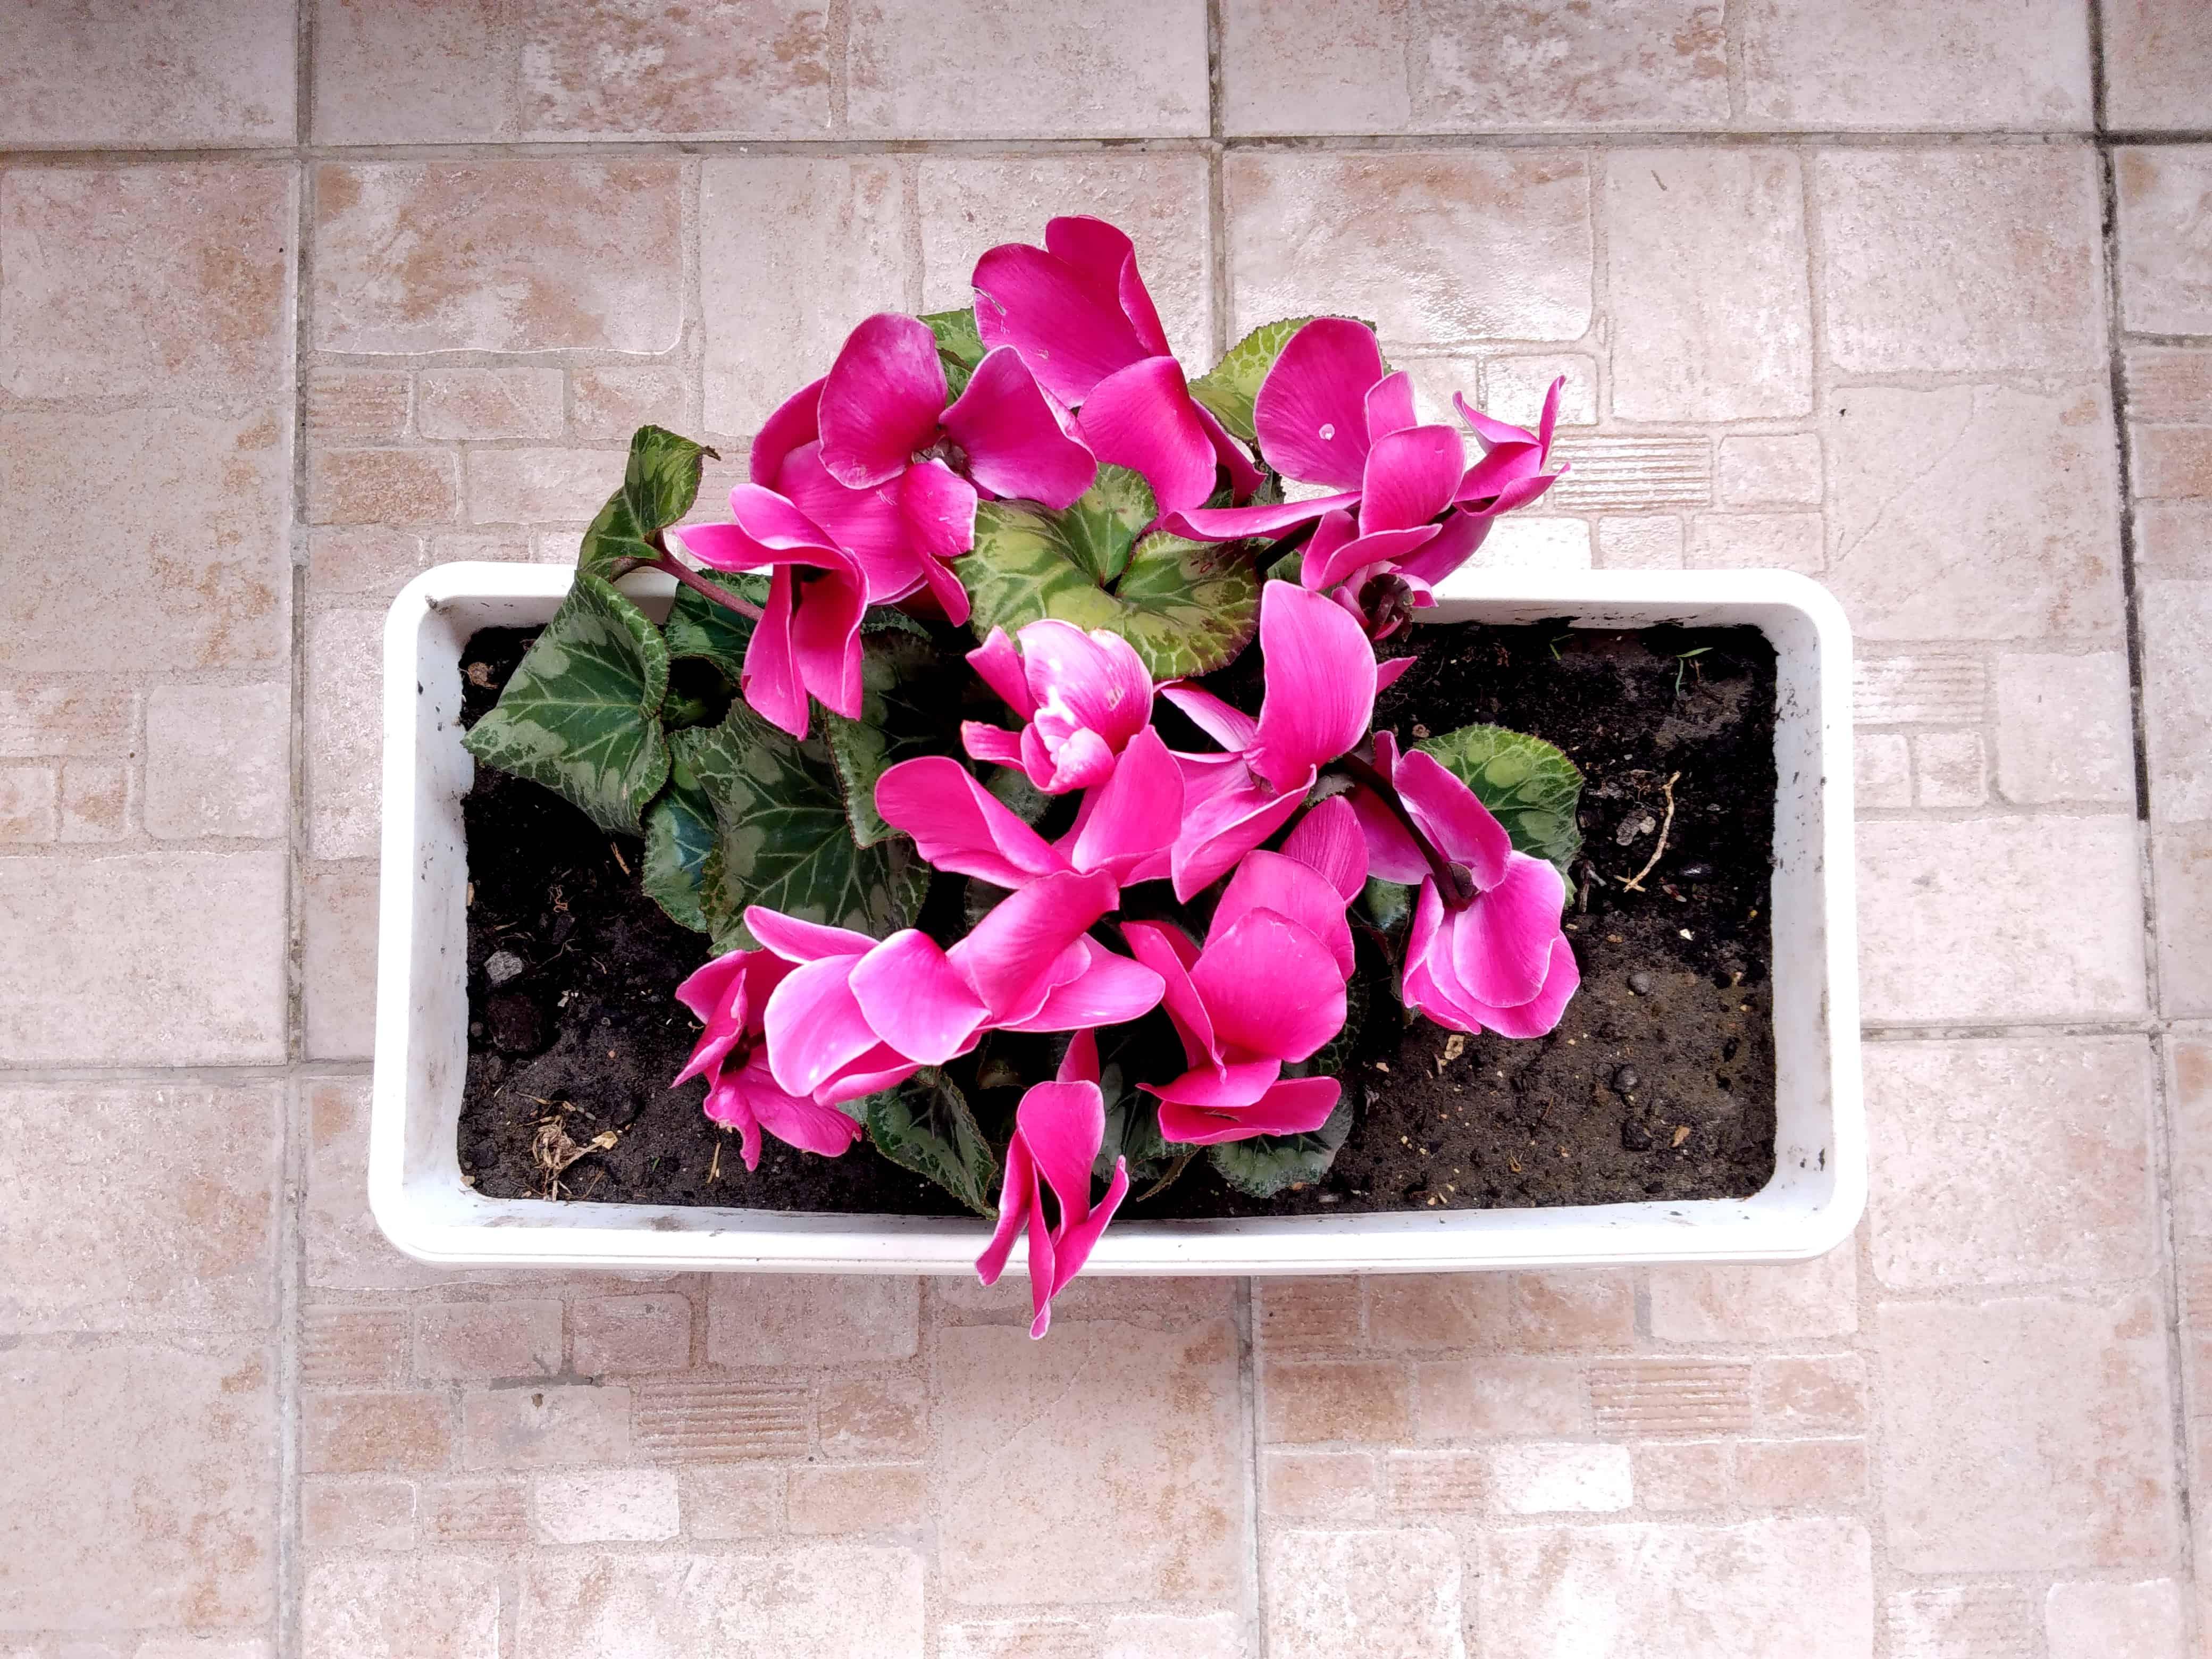 Kostenlose Bild: lila Blume, Anordnung, Rosa, Pflanze, Stillleben